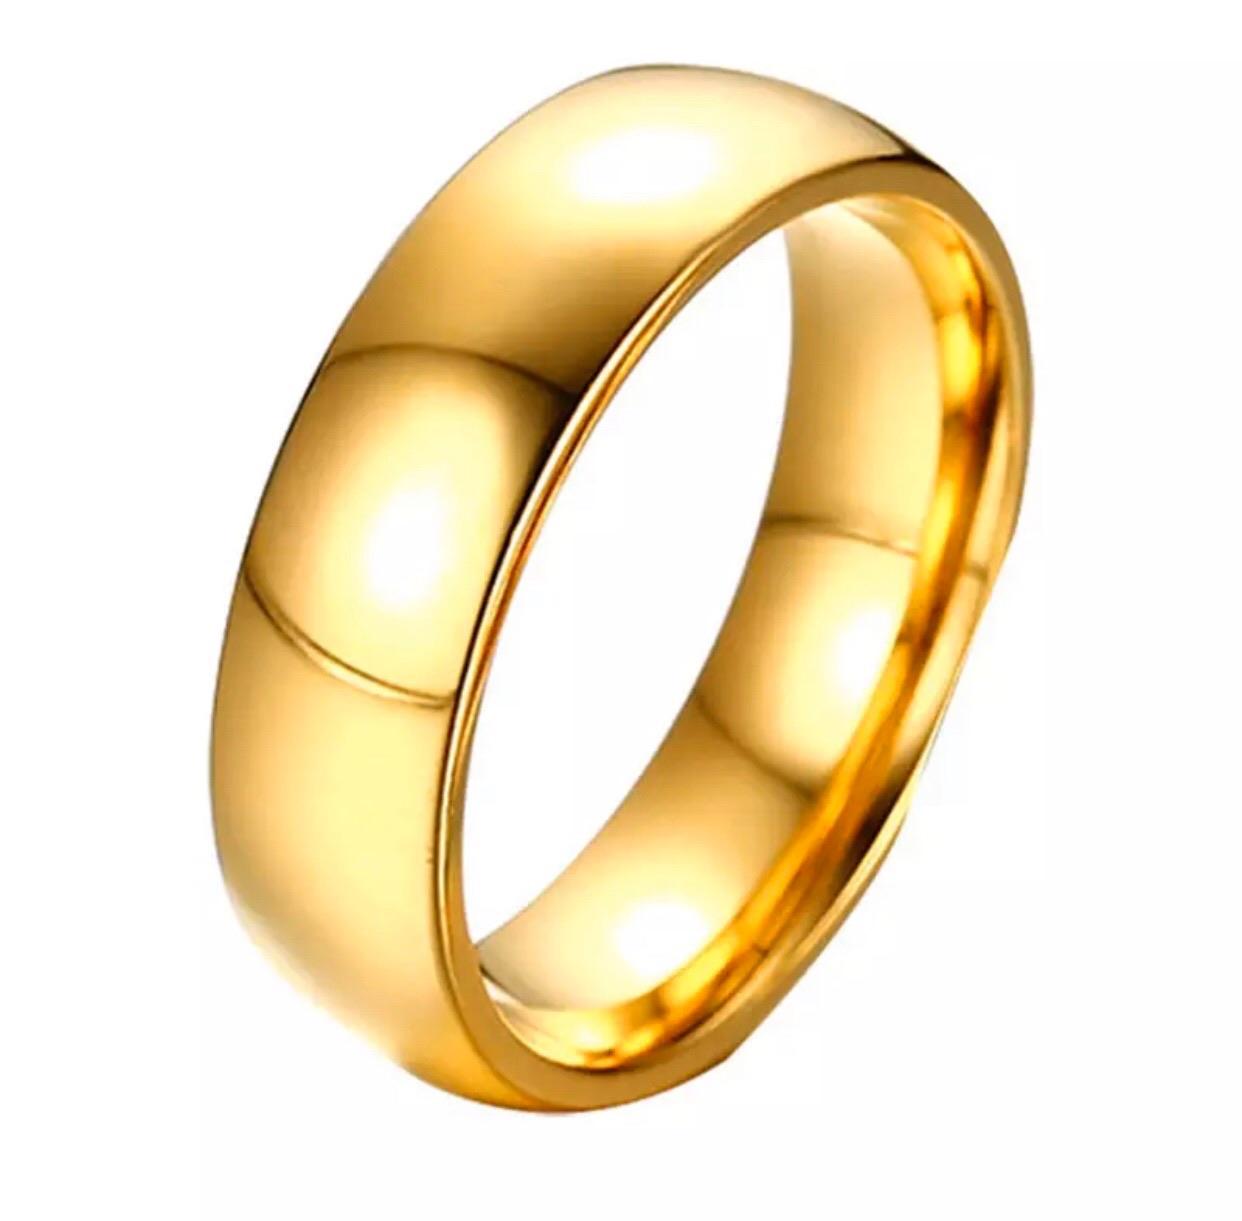 Dalma arany színű nemesacél férfi gyűrű